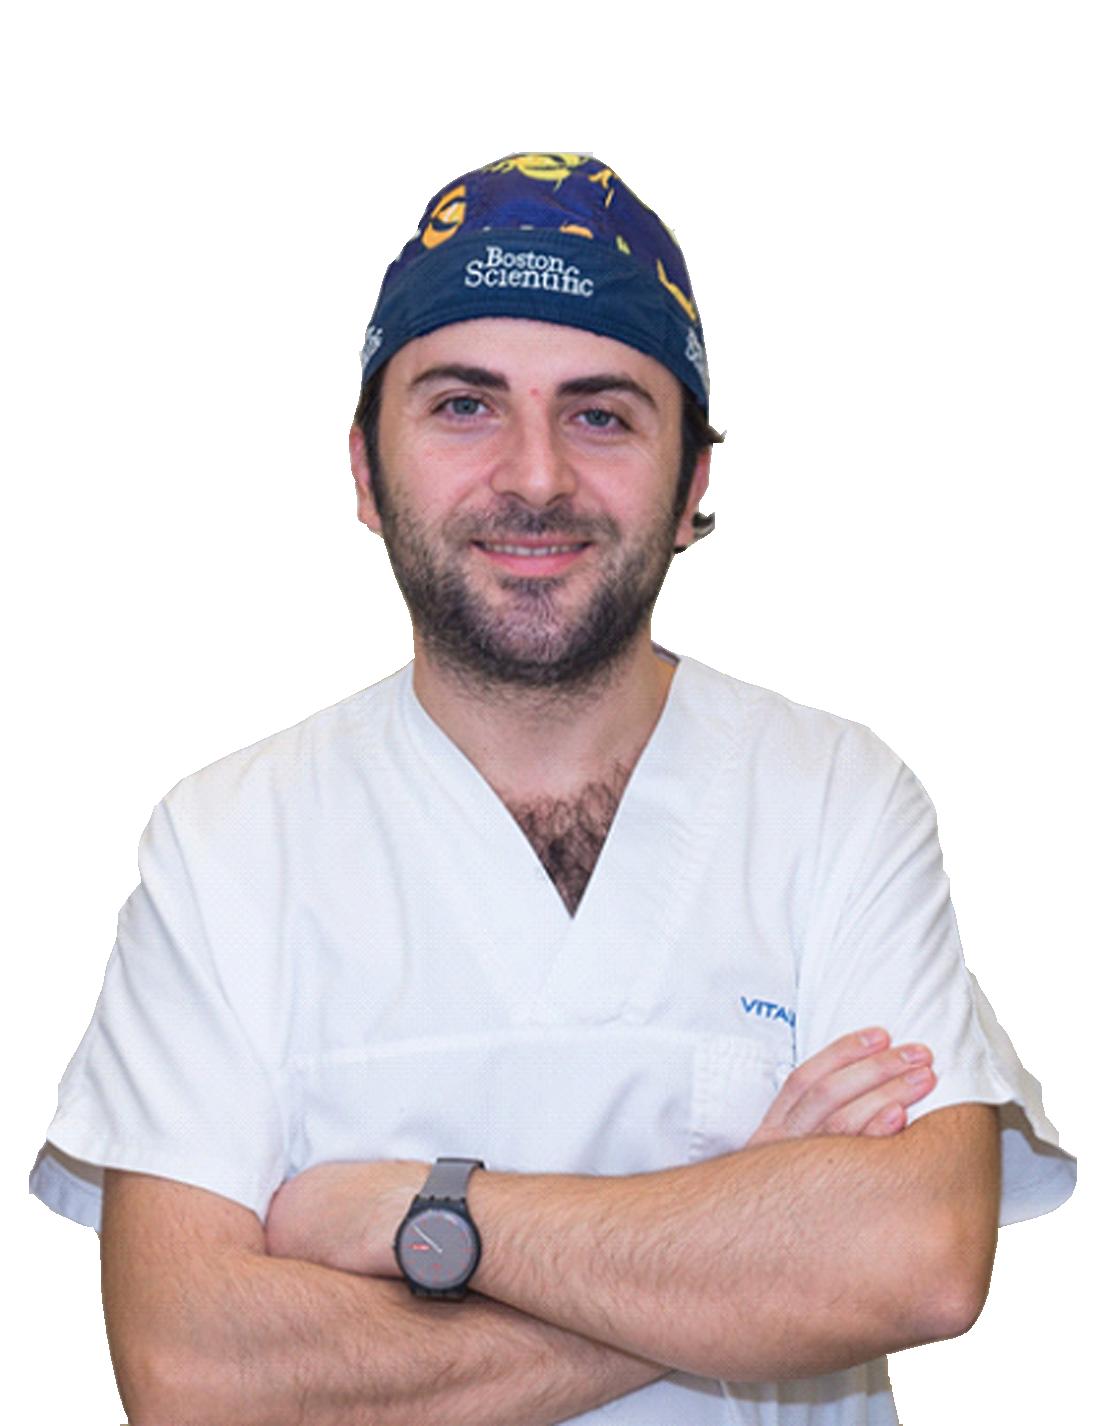 Dr. Pasquale Correra